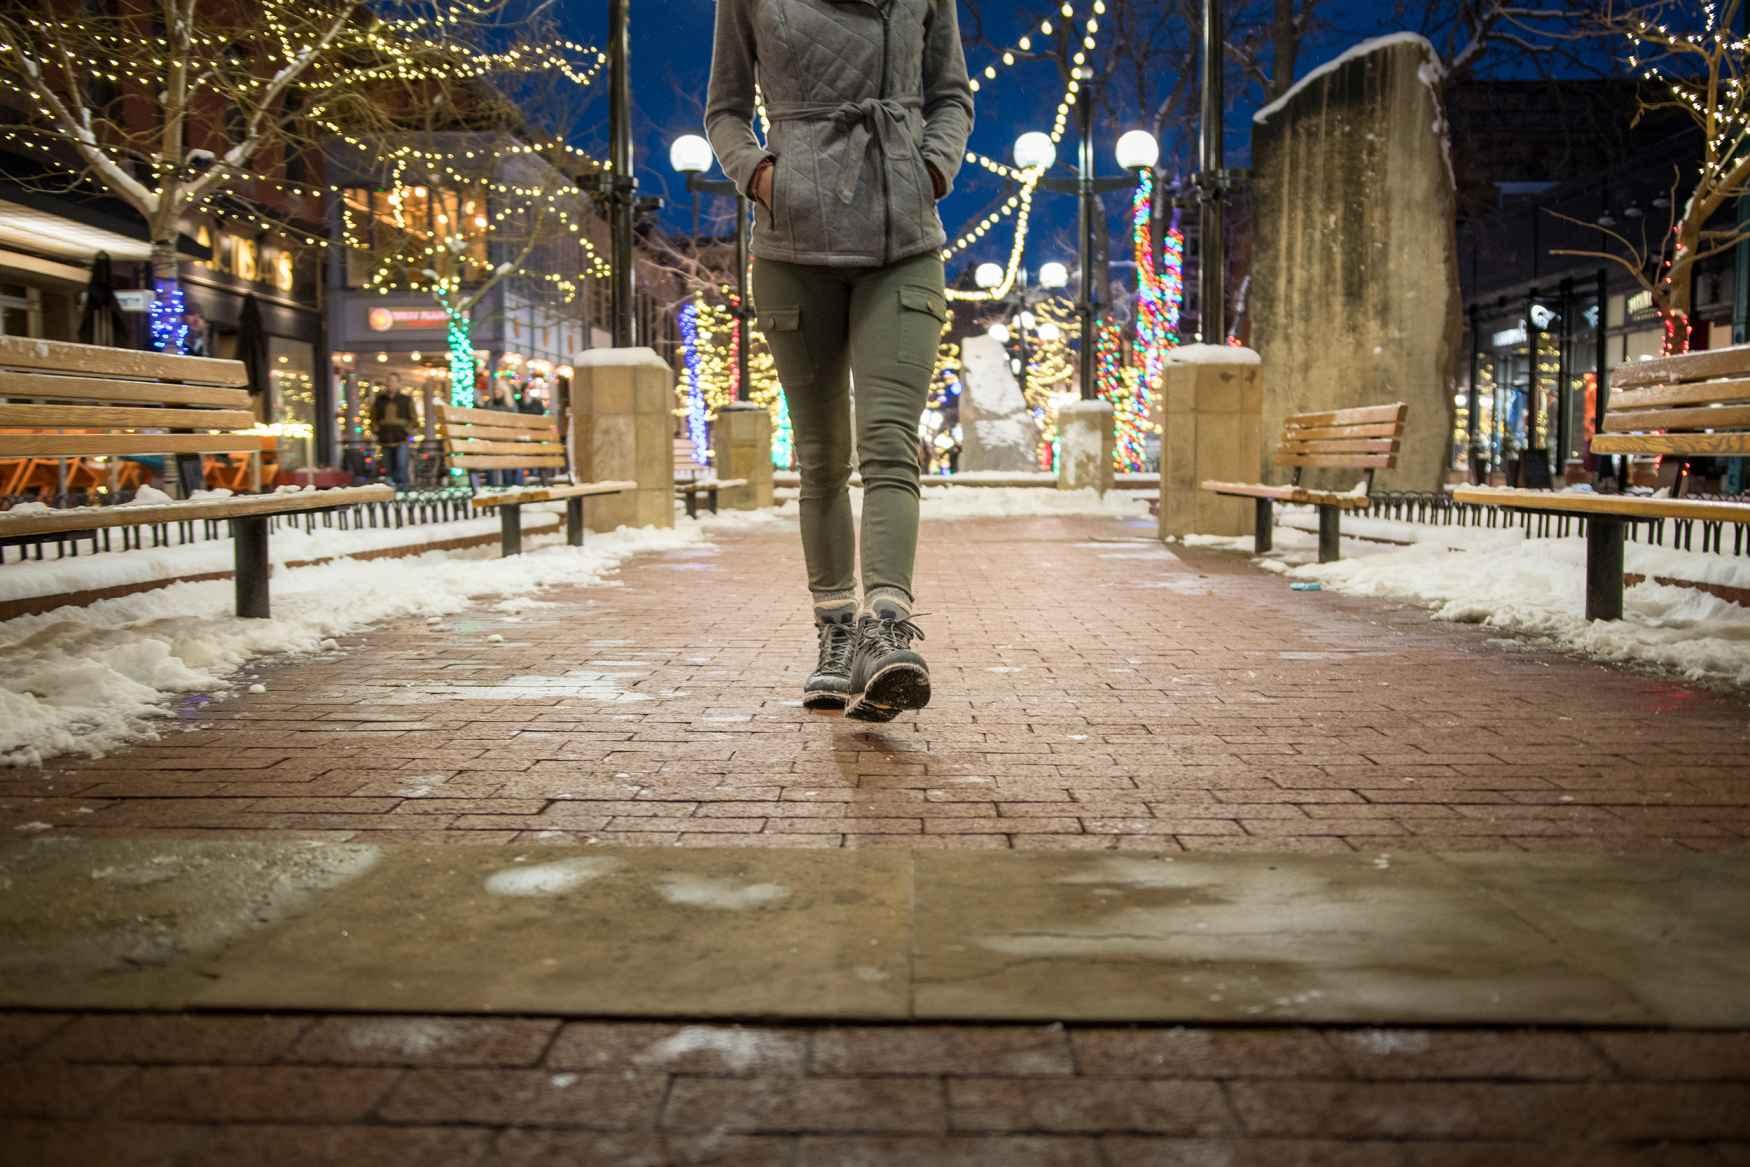 Et si l'artisanat traditionnel et les technologies innovantes s'unissaient et se matérialisaient sous la forme d'une chaussure? On obtiendrait sans doute le modèle WENDELSTEIN WARM GTX Ws, une élégante chaussure d'hiver qui associe des empiècements tendance et des détails fonctionnels. Elle garantit un confort optimal grâce à sa doublure GORE-TEX Panda et à sa semelle Vibram®.  C'est la chaussure idéale à la mi-saison, pour la marche en ville et les courtes promenades dans des paysages enneigés.